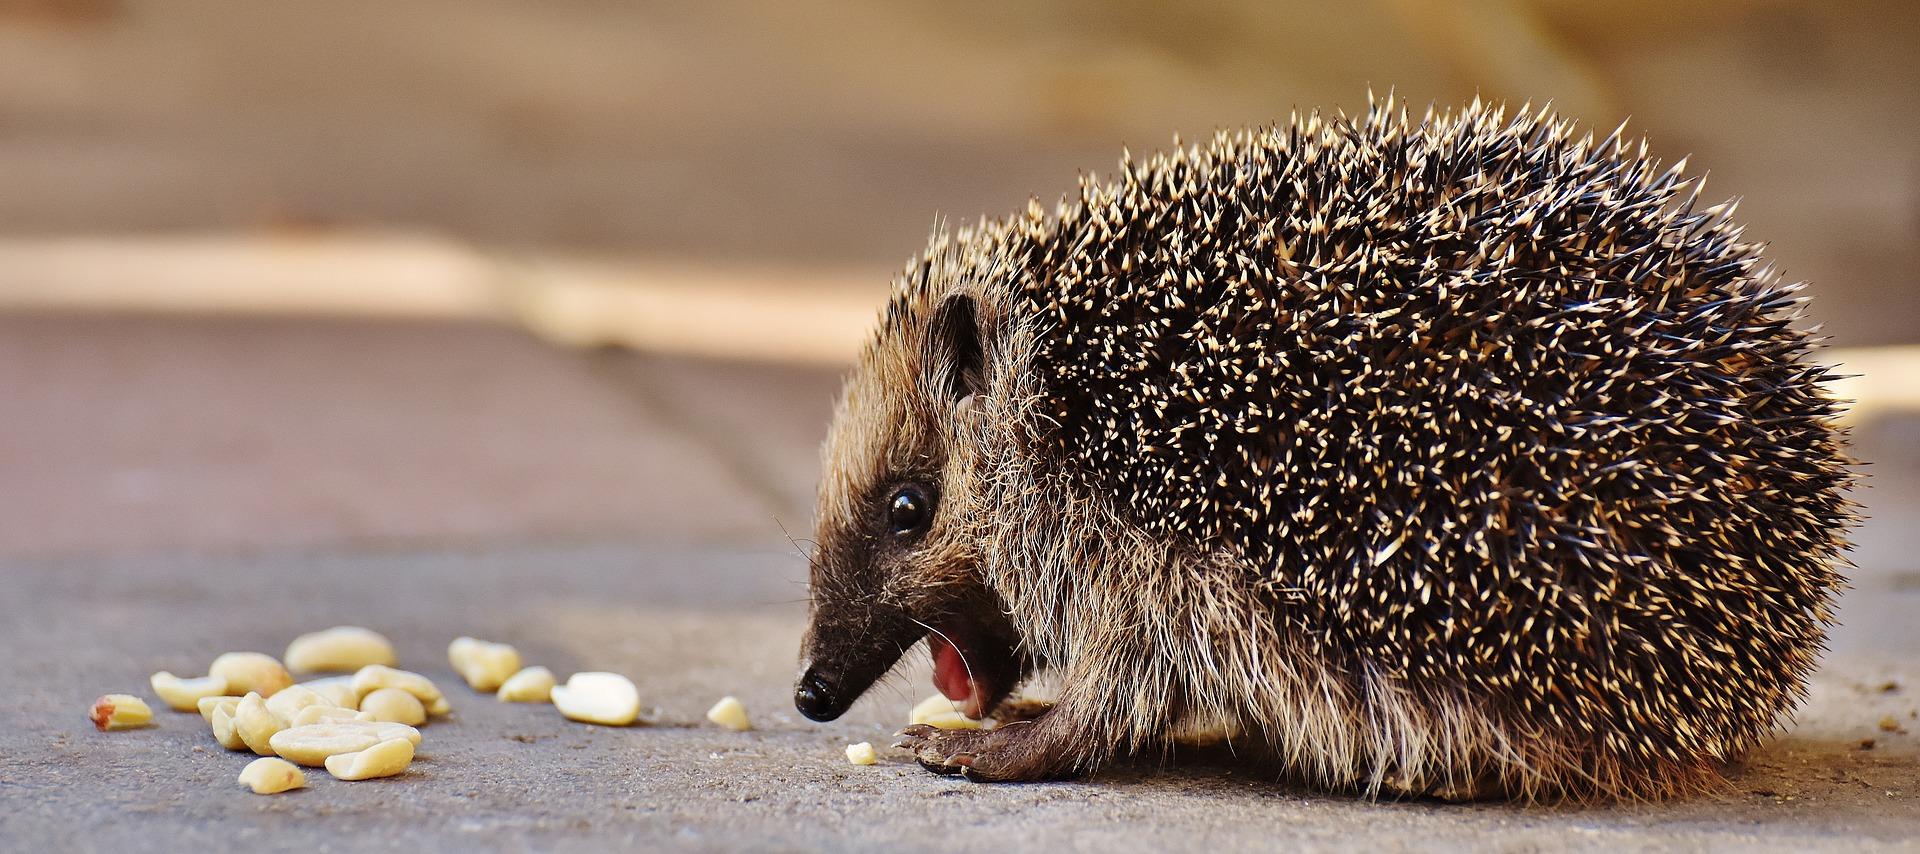 hedgehogchild17636641920(1)